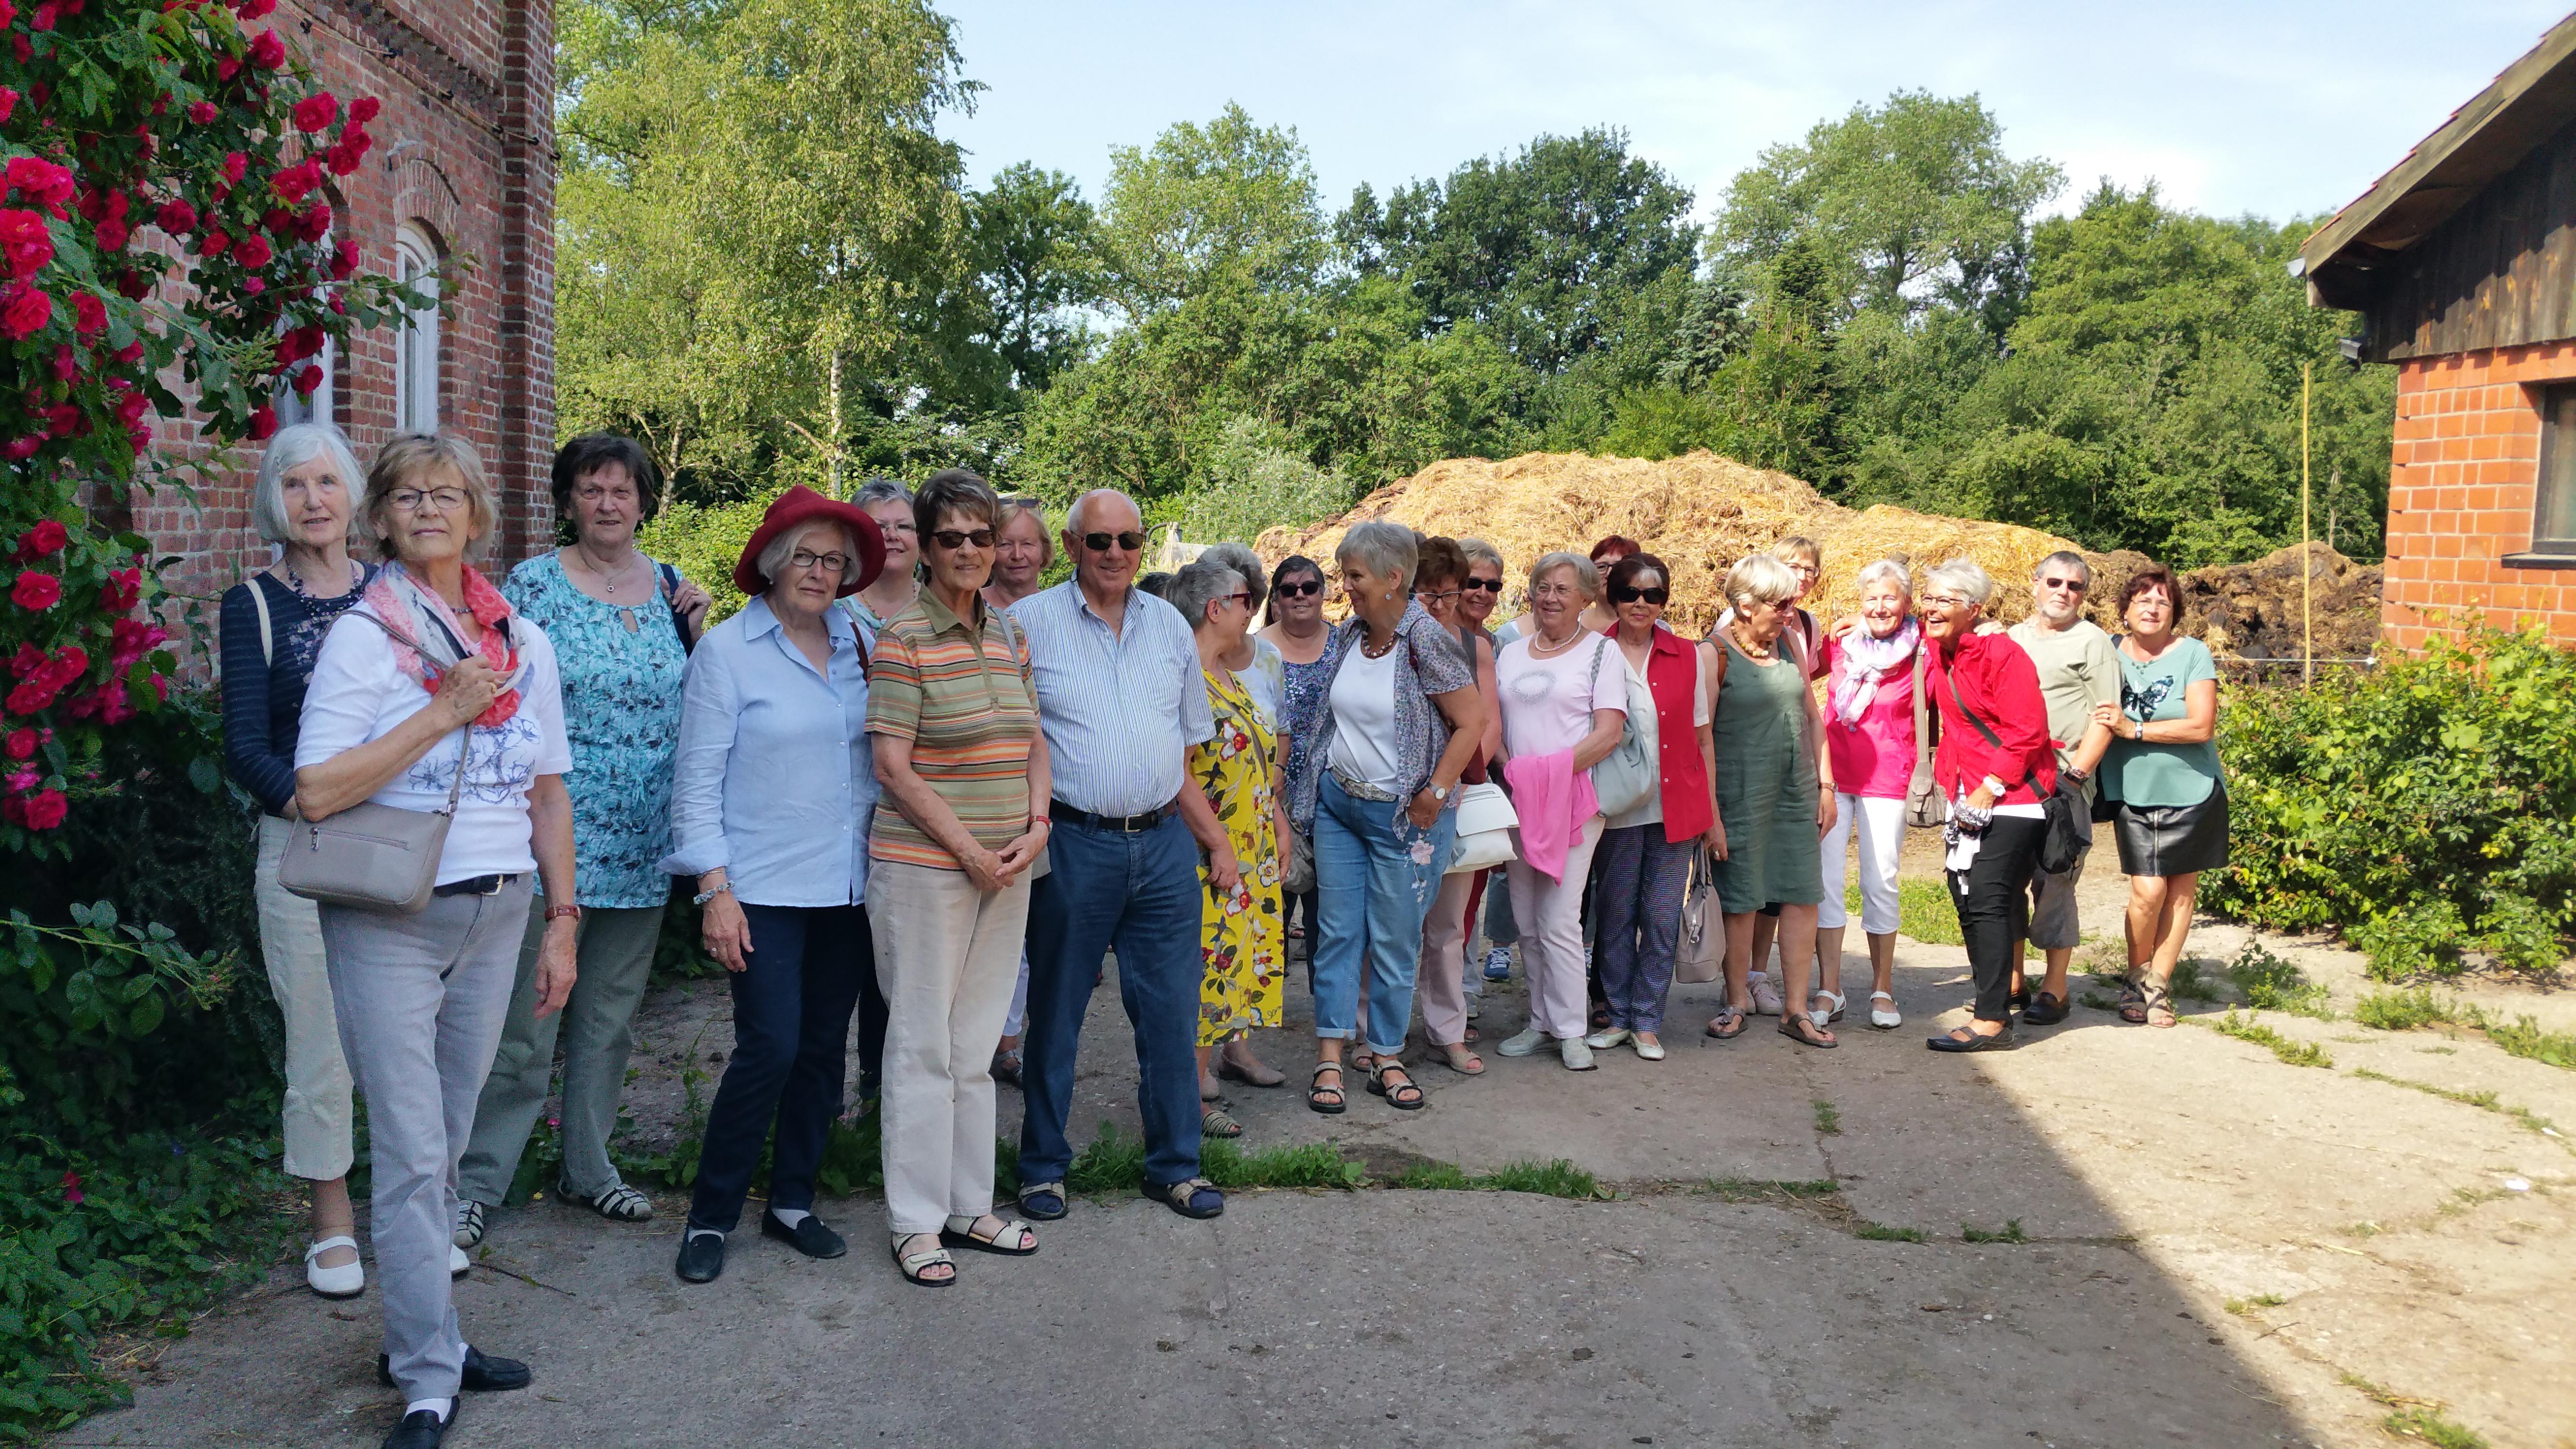 Landfrauencafe während der Kohltage